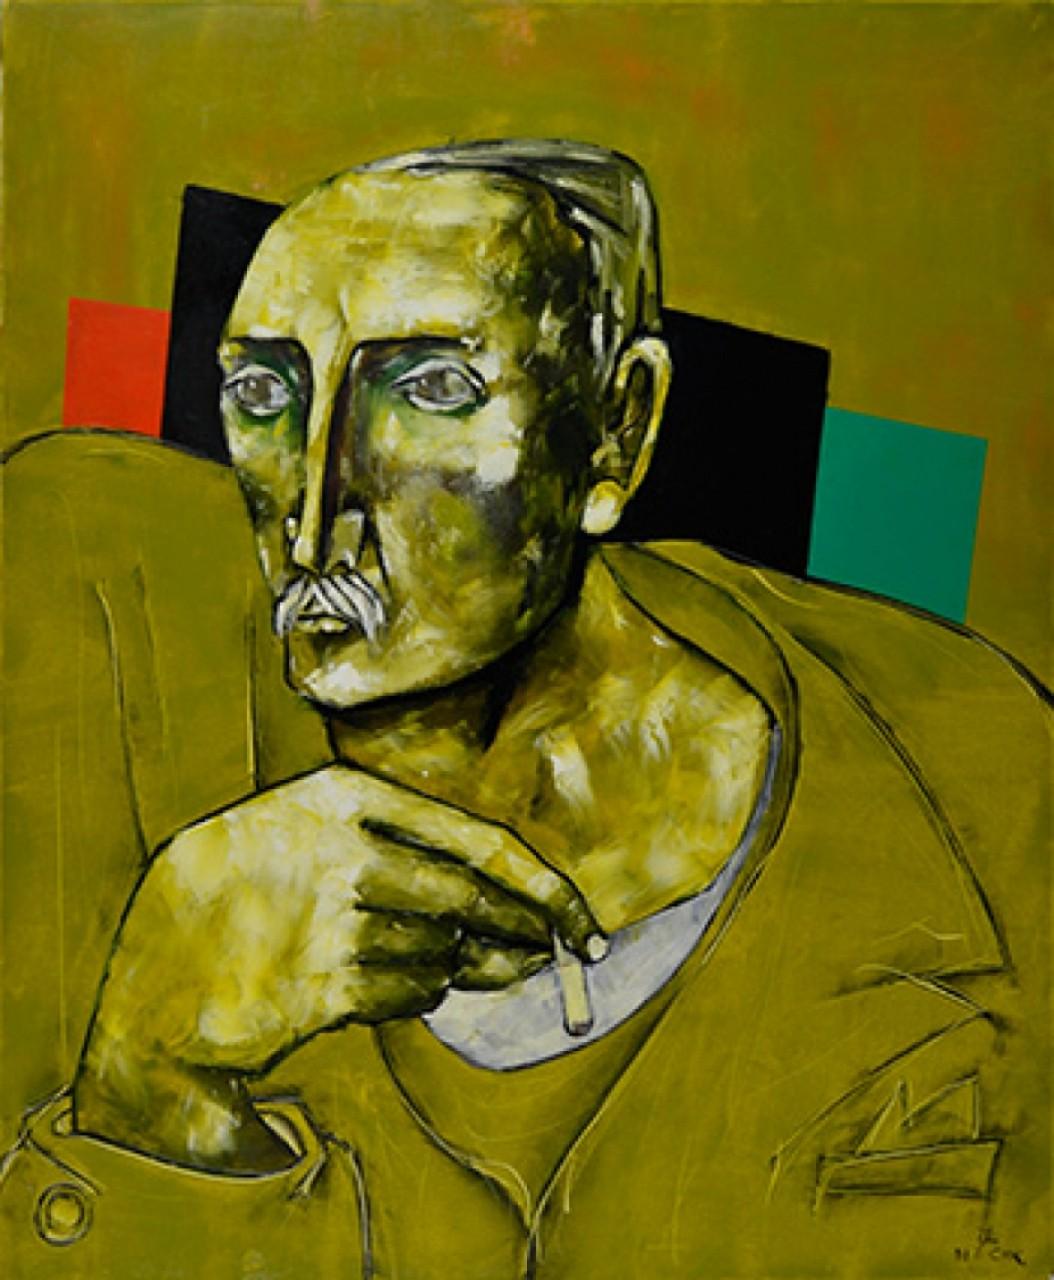 COOK Juan homme cigarette